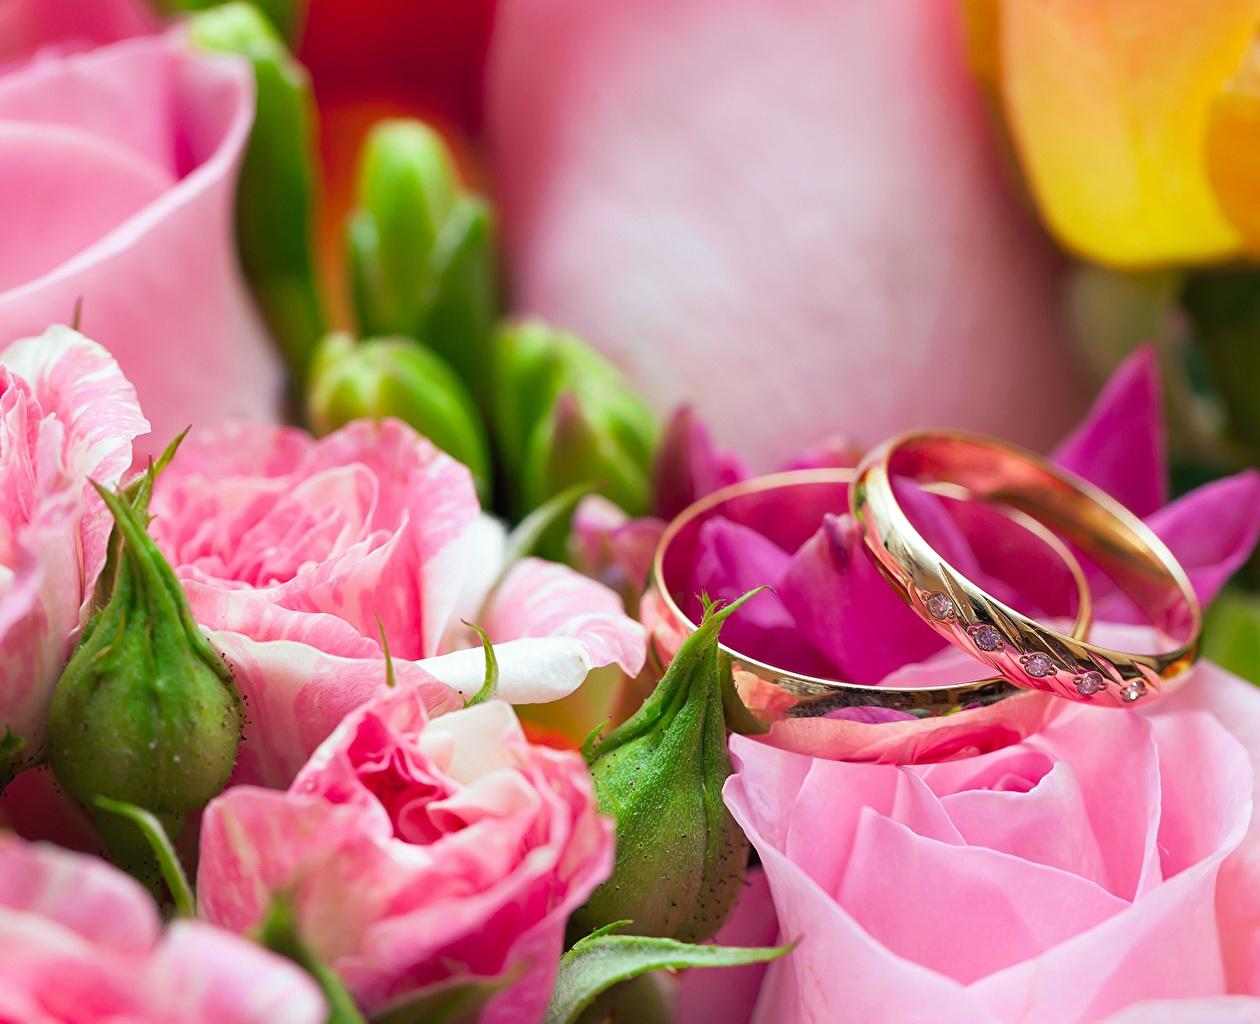 коптилен варианты картинки с годовщиной свадьбы цветы время